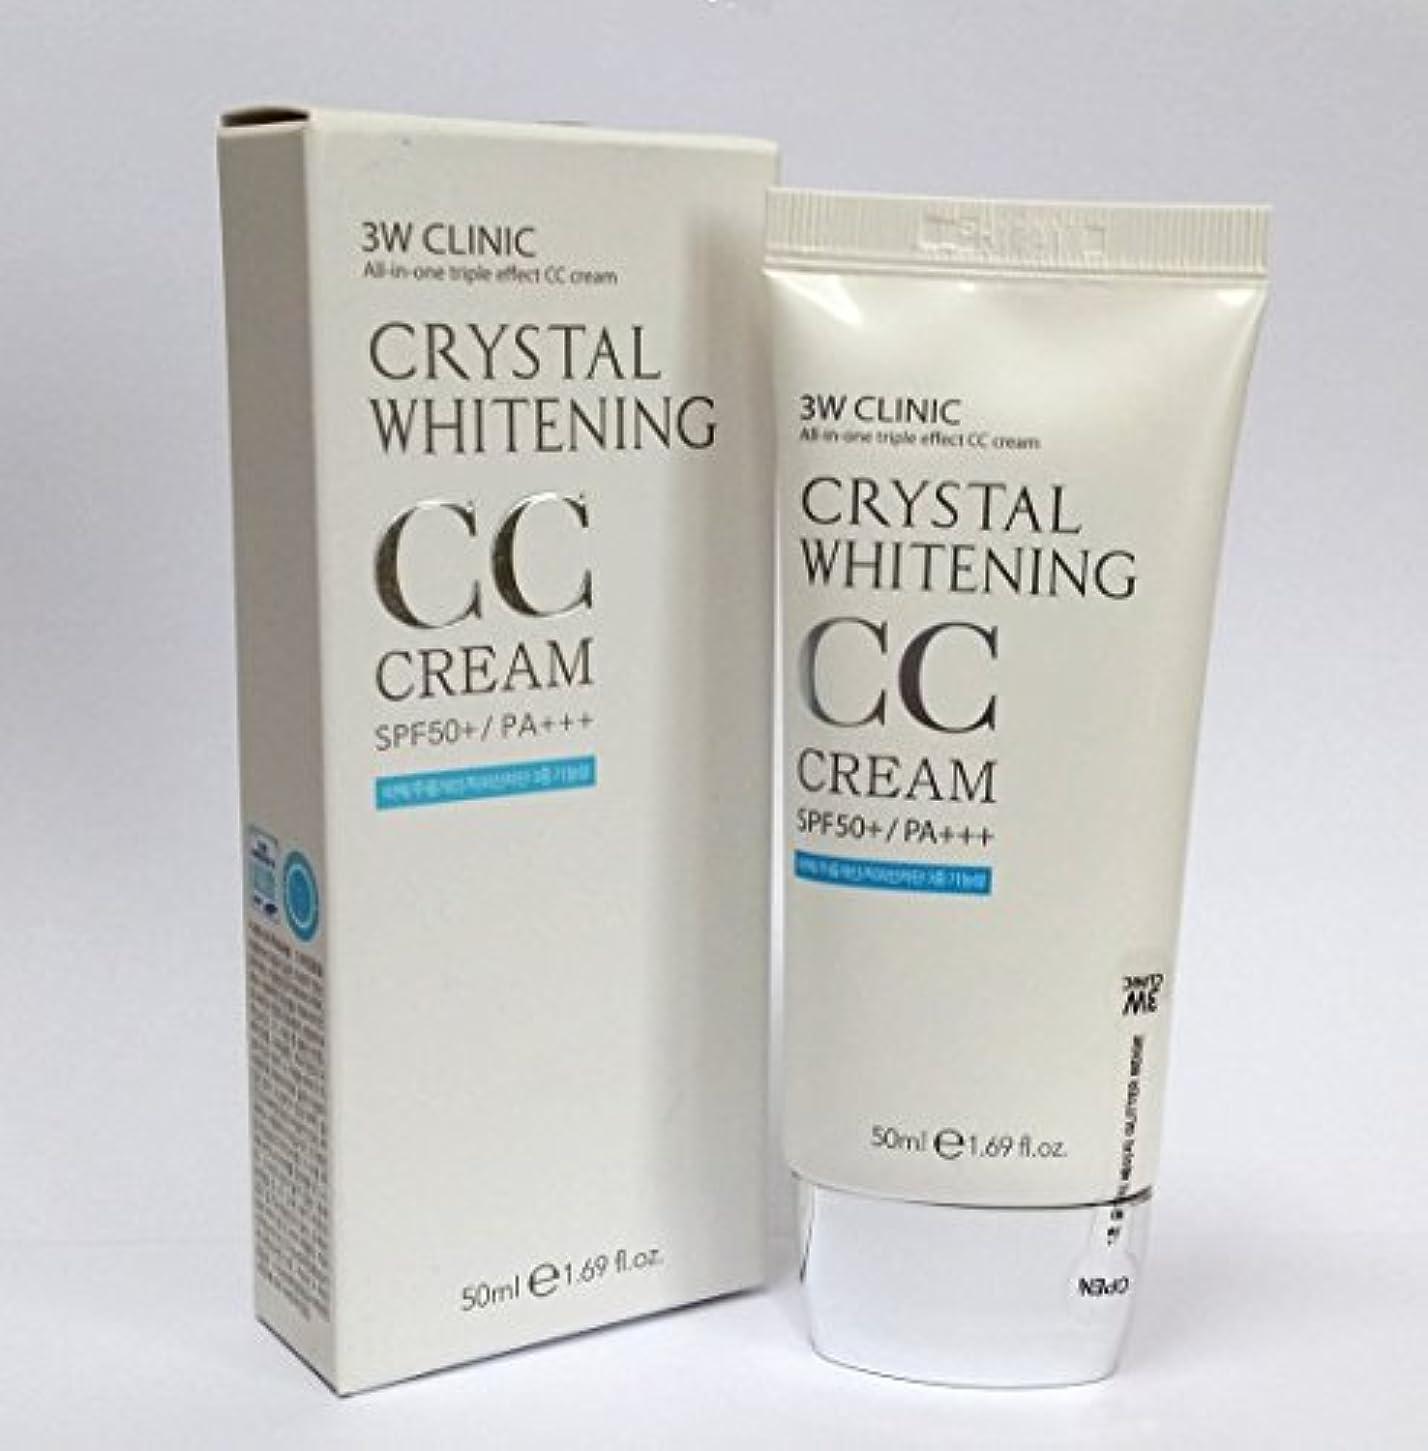 確保する団結するバンド[3W CLINIC] クリスタルホワイトニングCCクリーム50ml SPF50 PA +++ / #02 Natural Beige / Crystal Whitening CC Cream 50ml SPF50 PA...